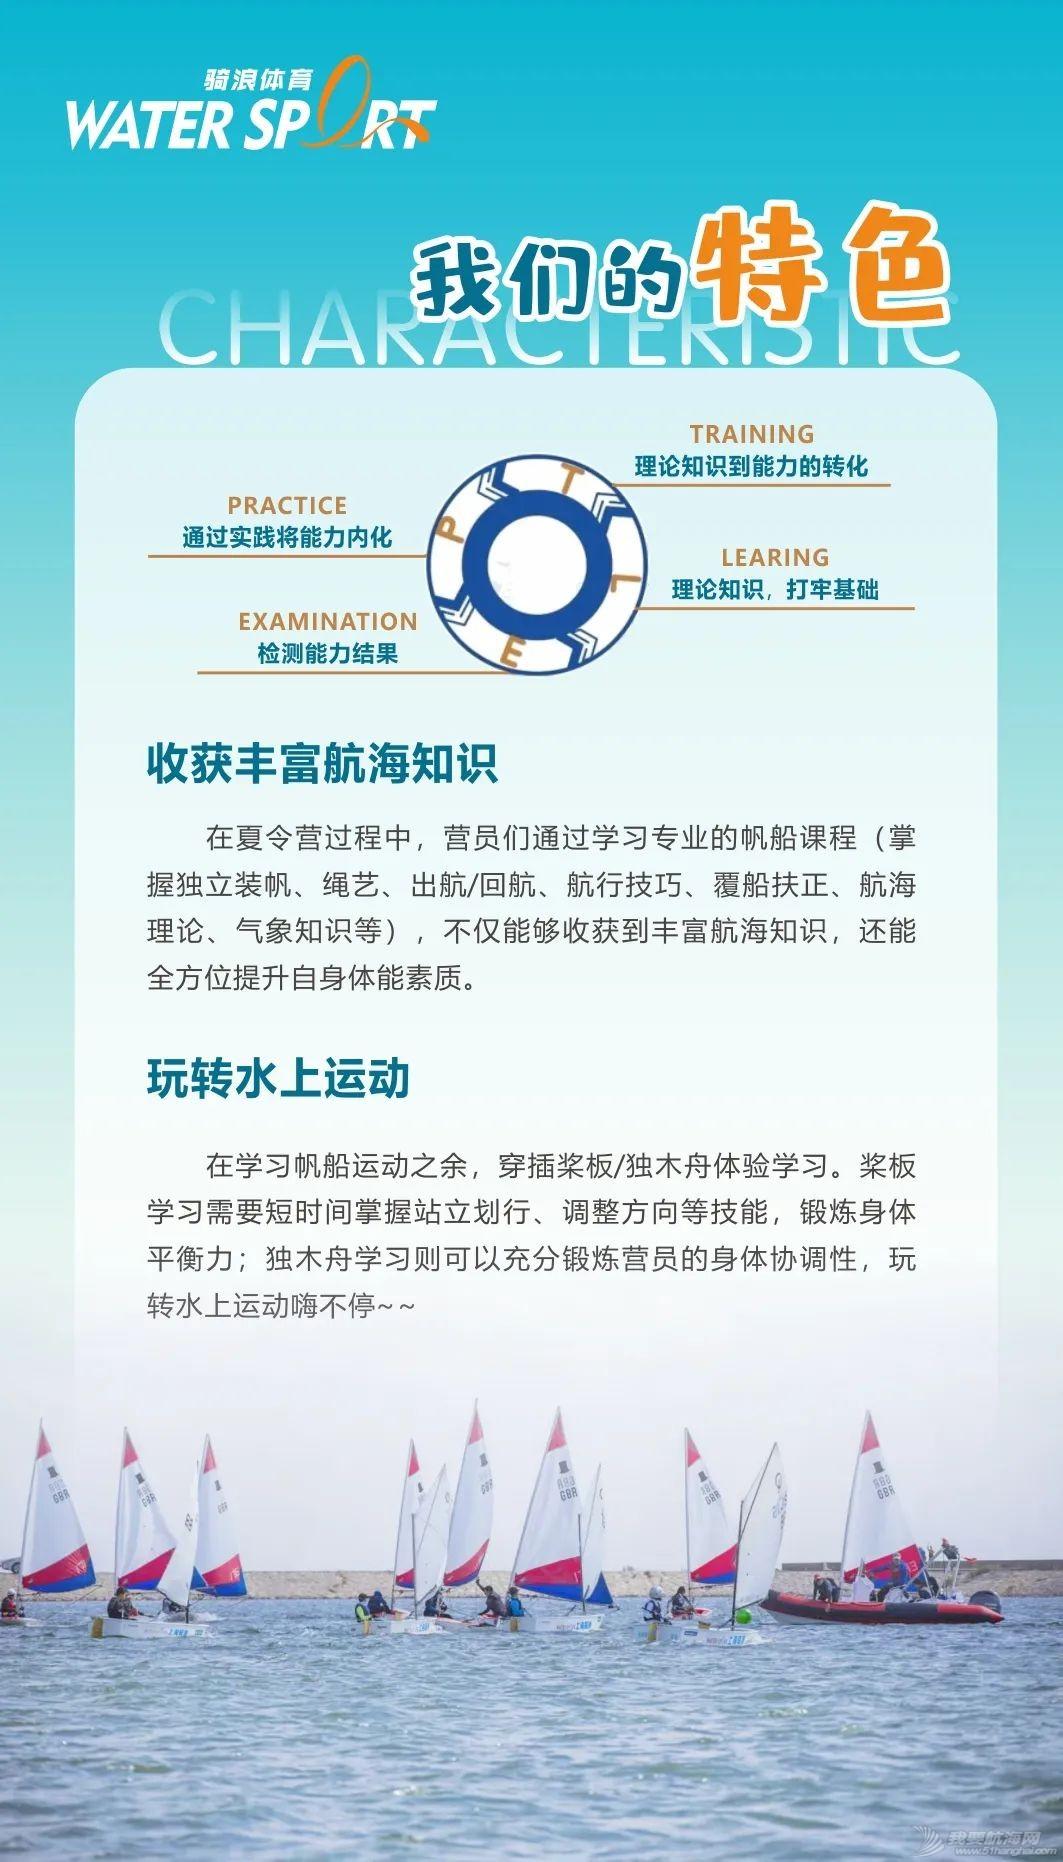 2021帆船夏令营之华东篇|中帆协小帆船认证培训中心营业啦③w40.jpg